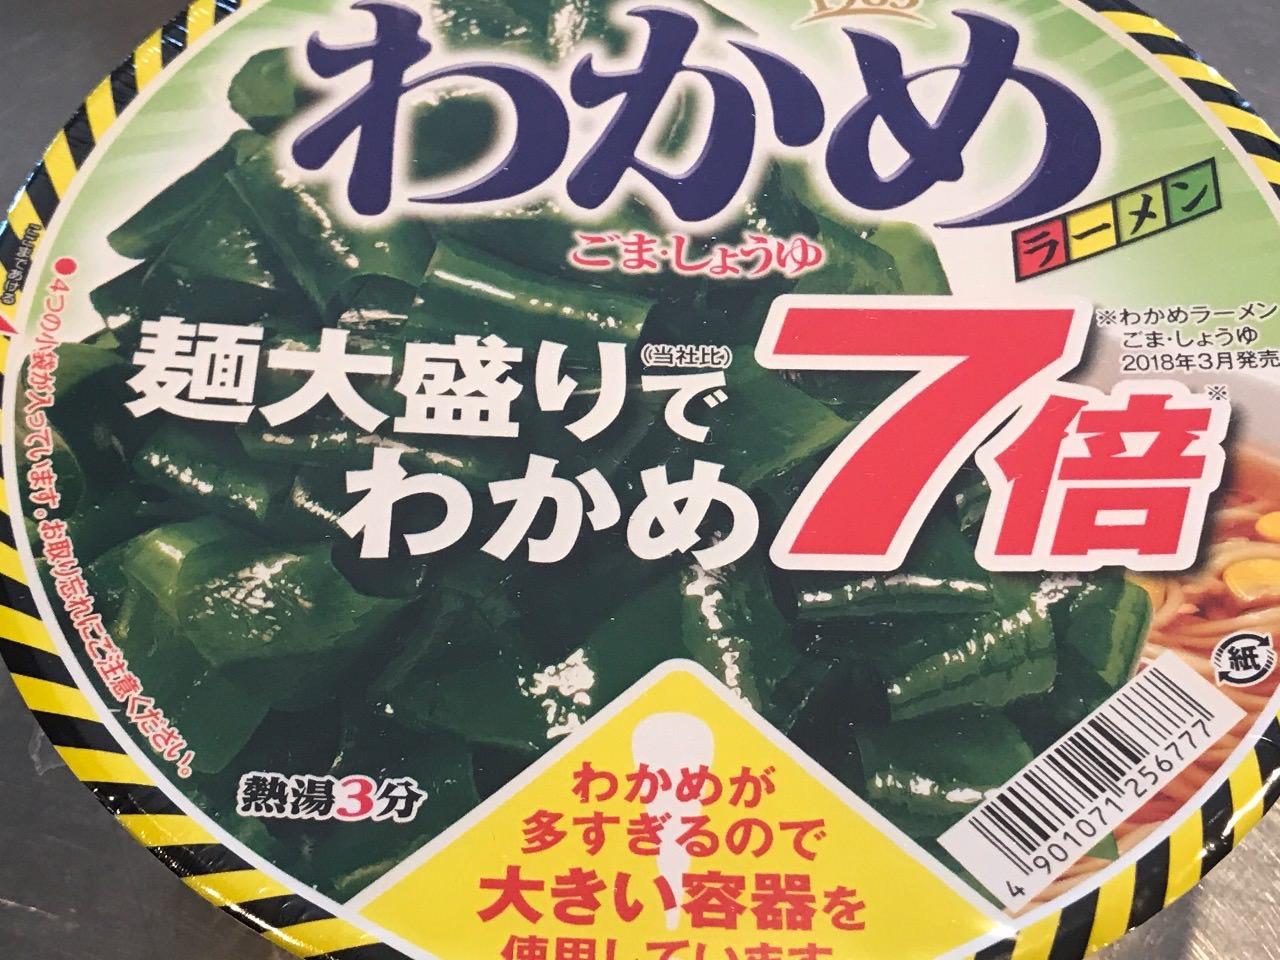 7倍わかめでわけわかめ「わかめラーメン 麺大盛りでわかめ7倍」わかめが好きってレベルではない